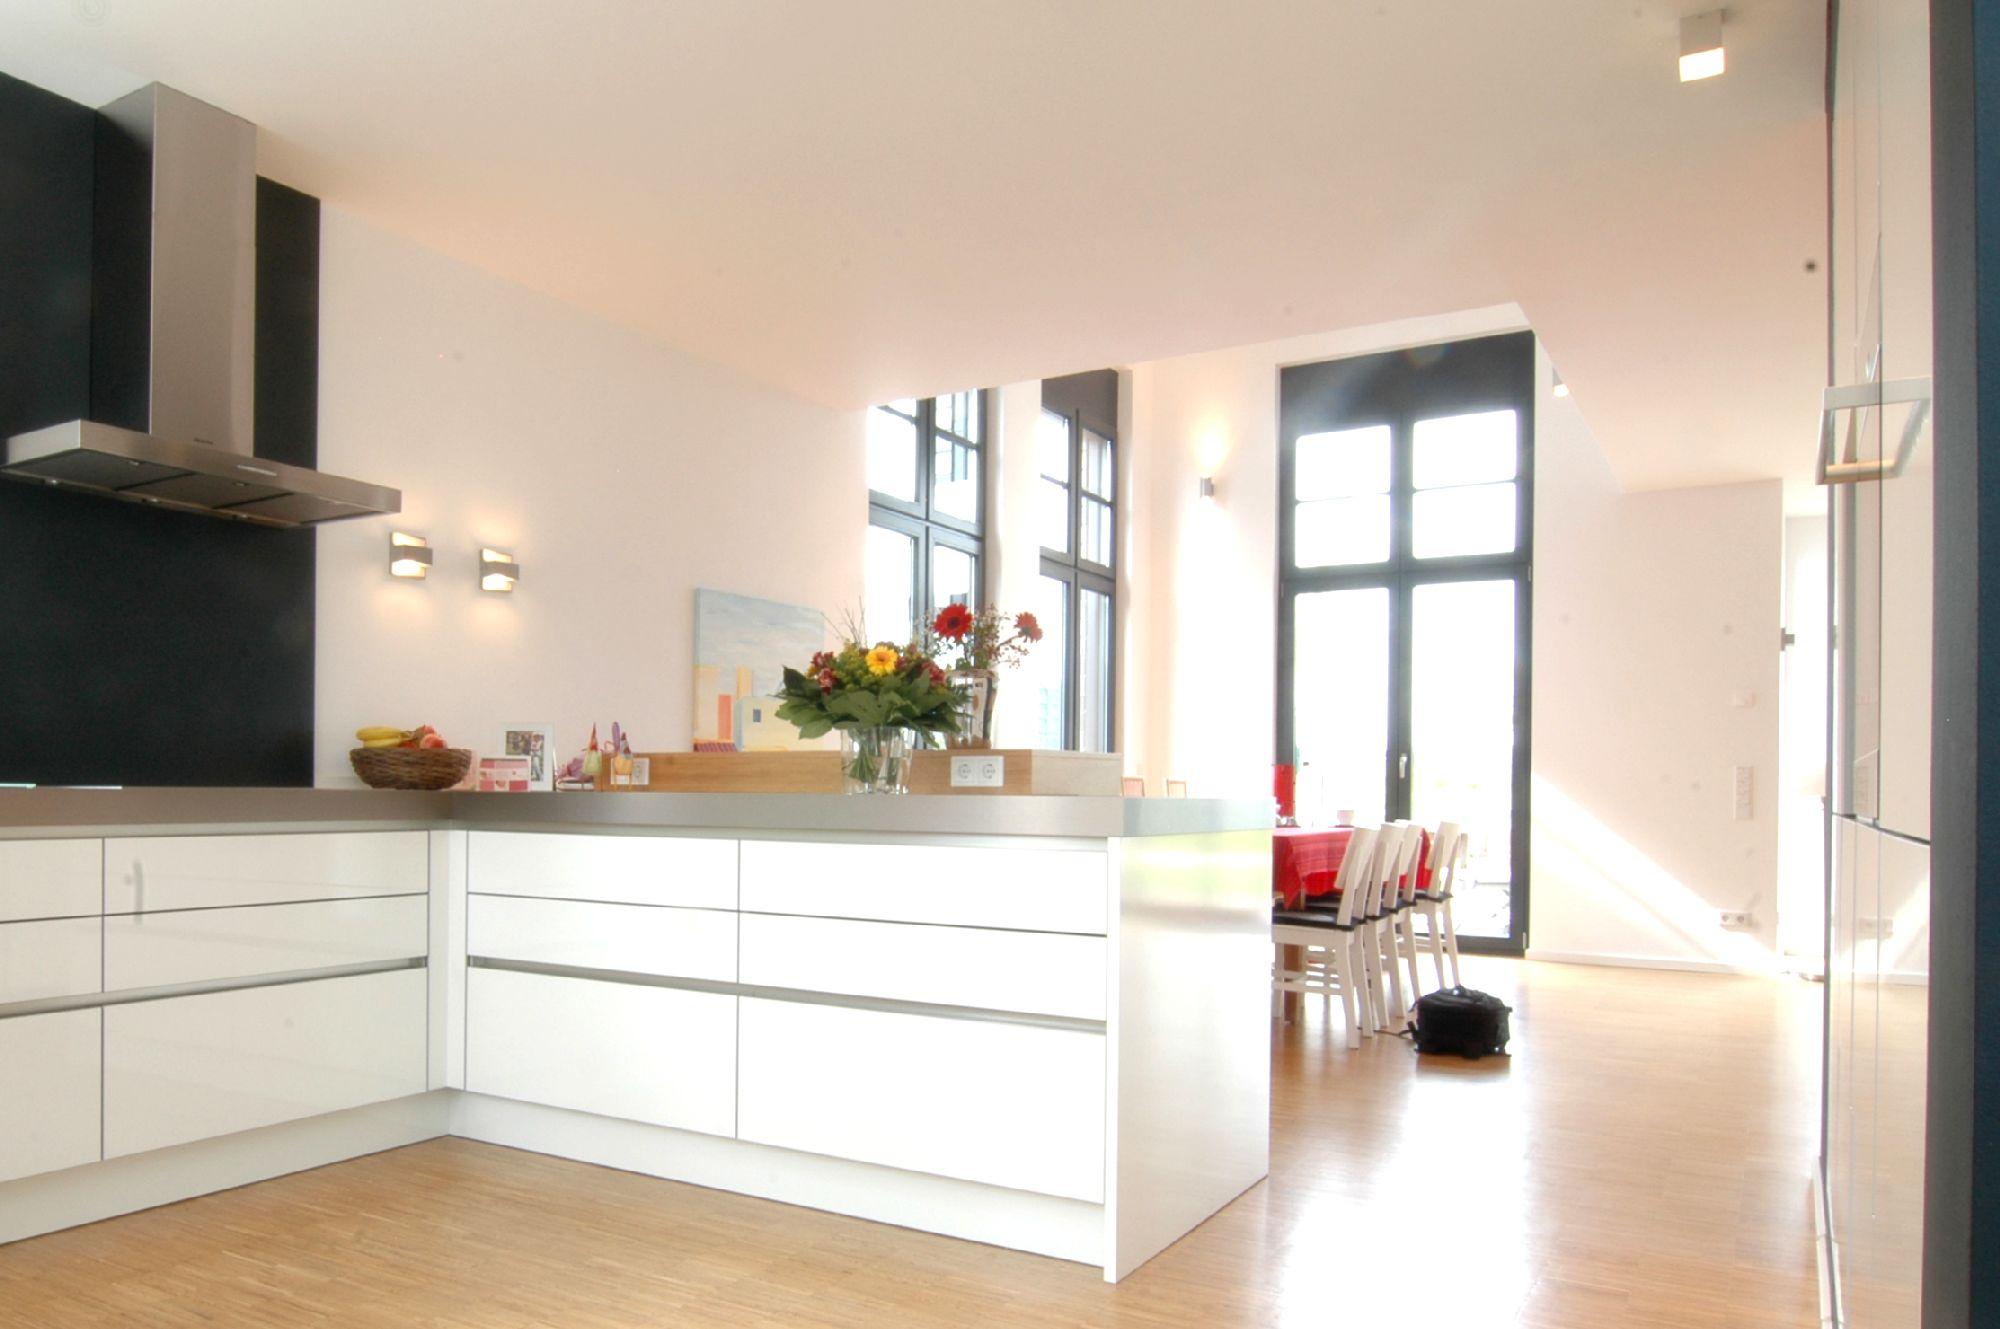 Modernes Haus in Feldhausen - Architekten Blanc & Mecklenburg